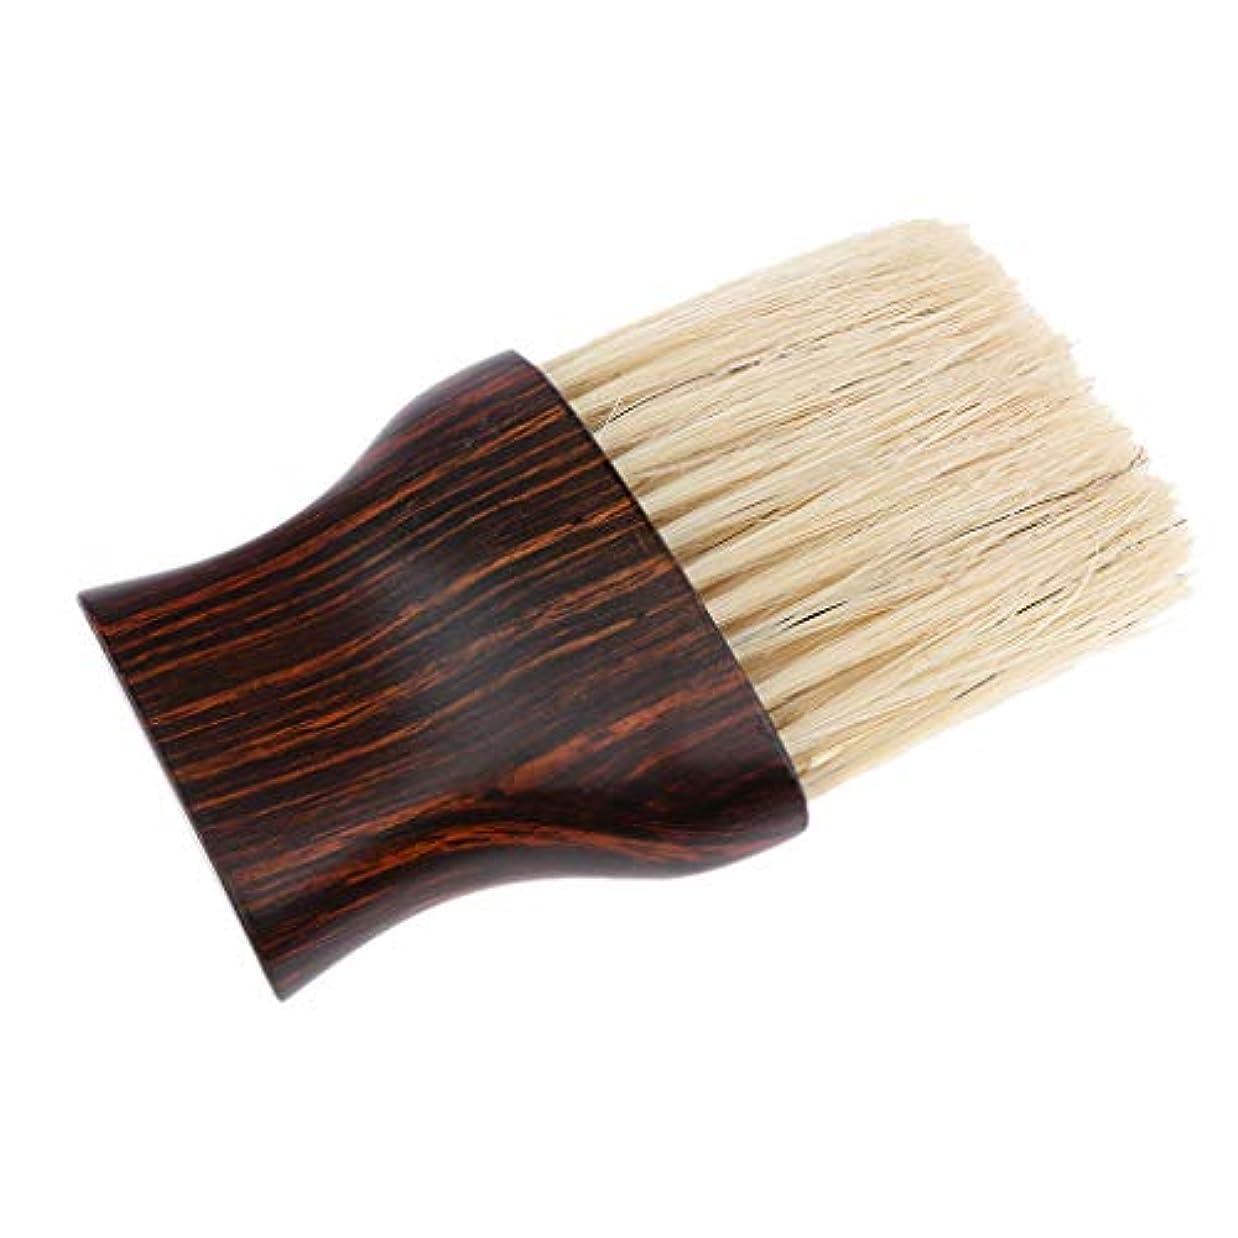 カウンターパート威信オールヘアブラシ 毛払いブラシ 散髪 髪切り 散髪用ツール 床屋 理髪店 美容院 ソフトブラシ